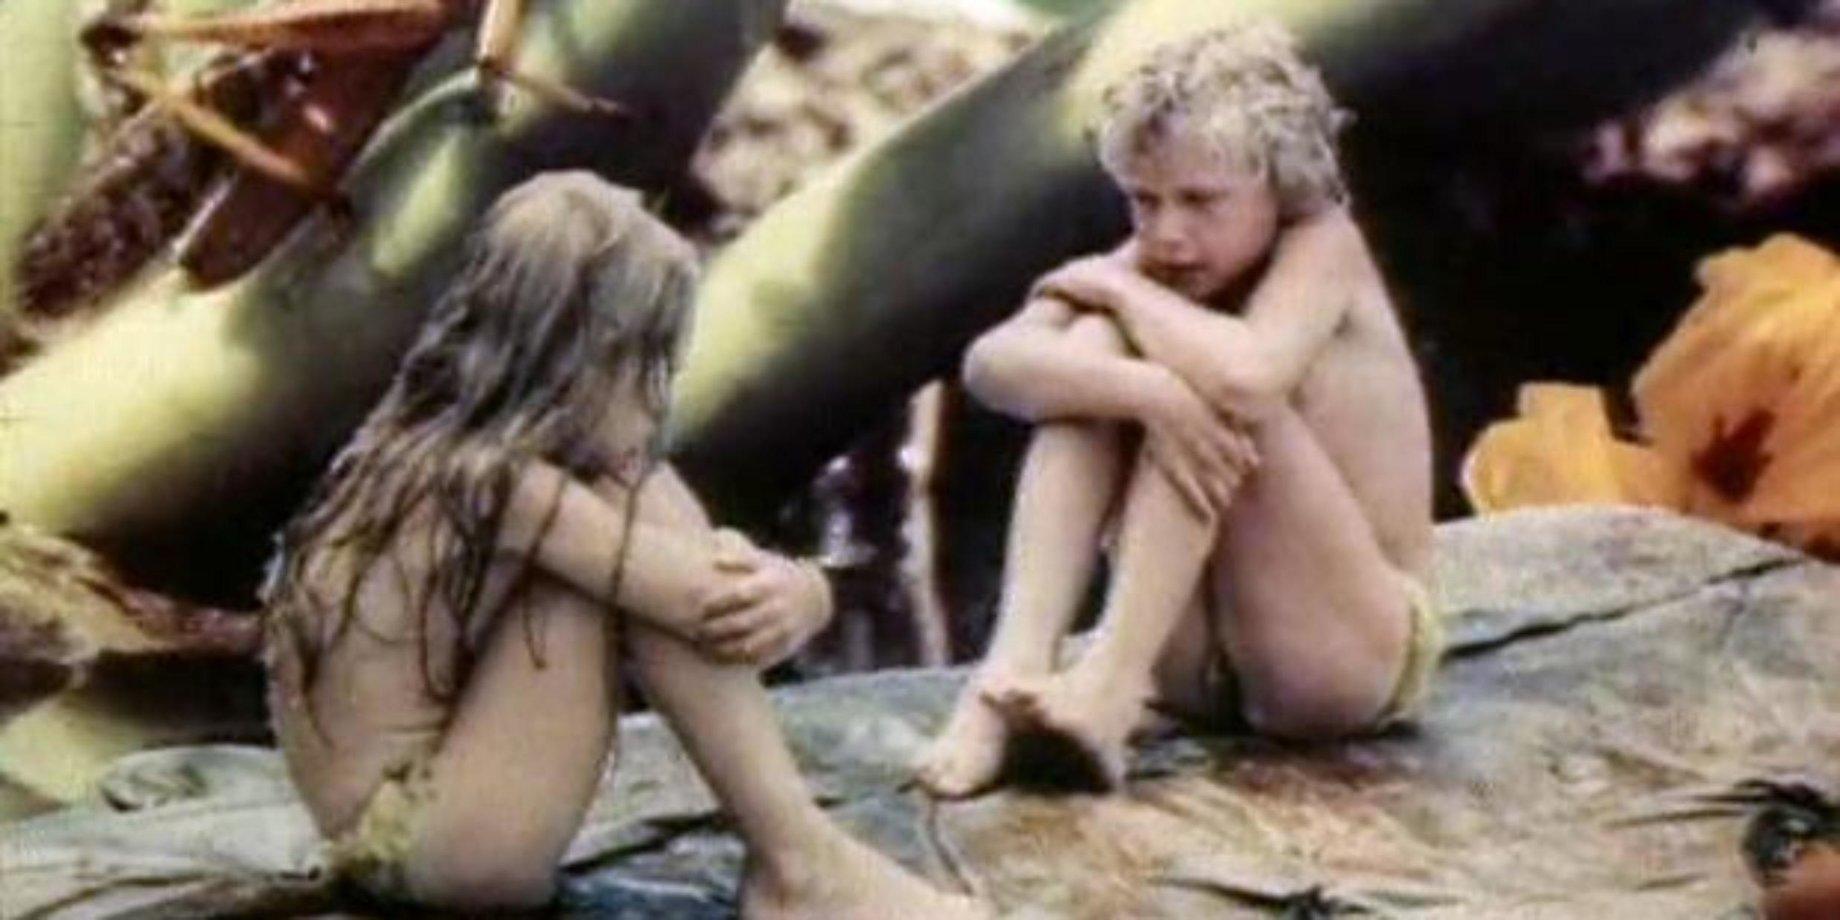 Порно ролики разврат онлайн смотреть129